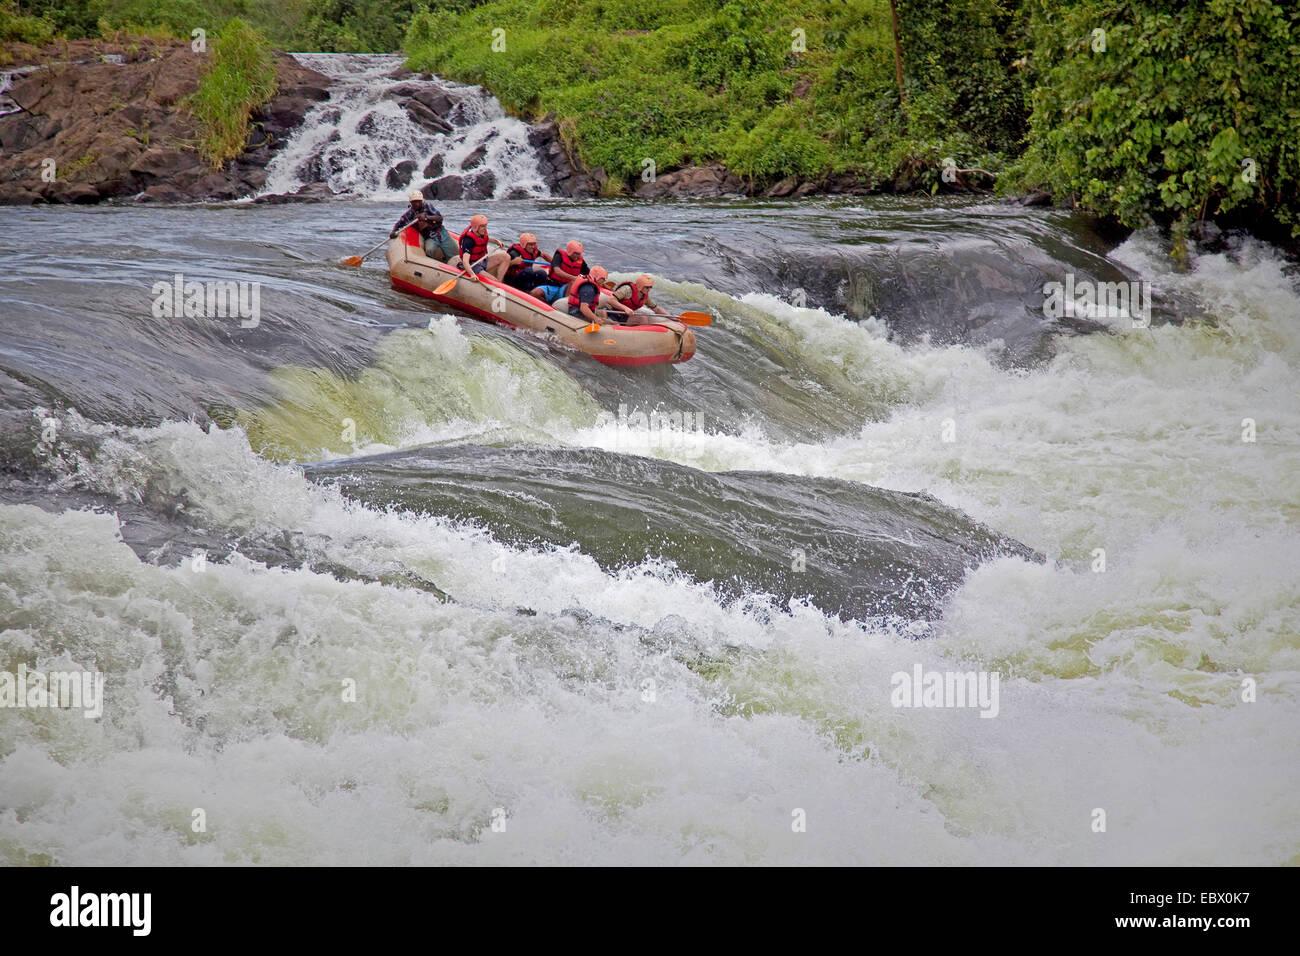 Touristen mit einem lokalen Führer sind rafting auf die Bujagali Wasserfälle und sind im Begriff, eine Stockbild